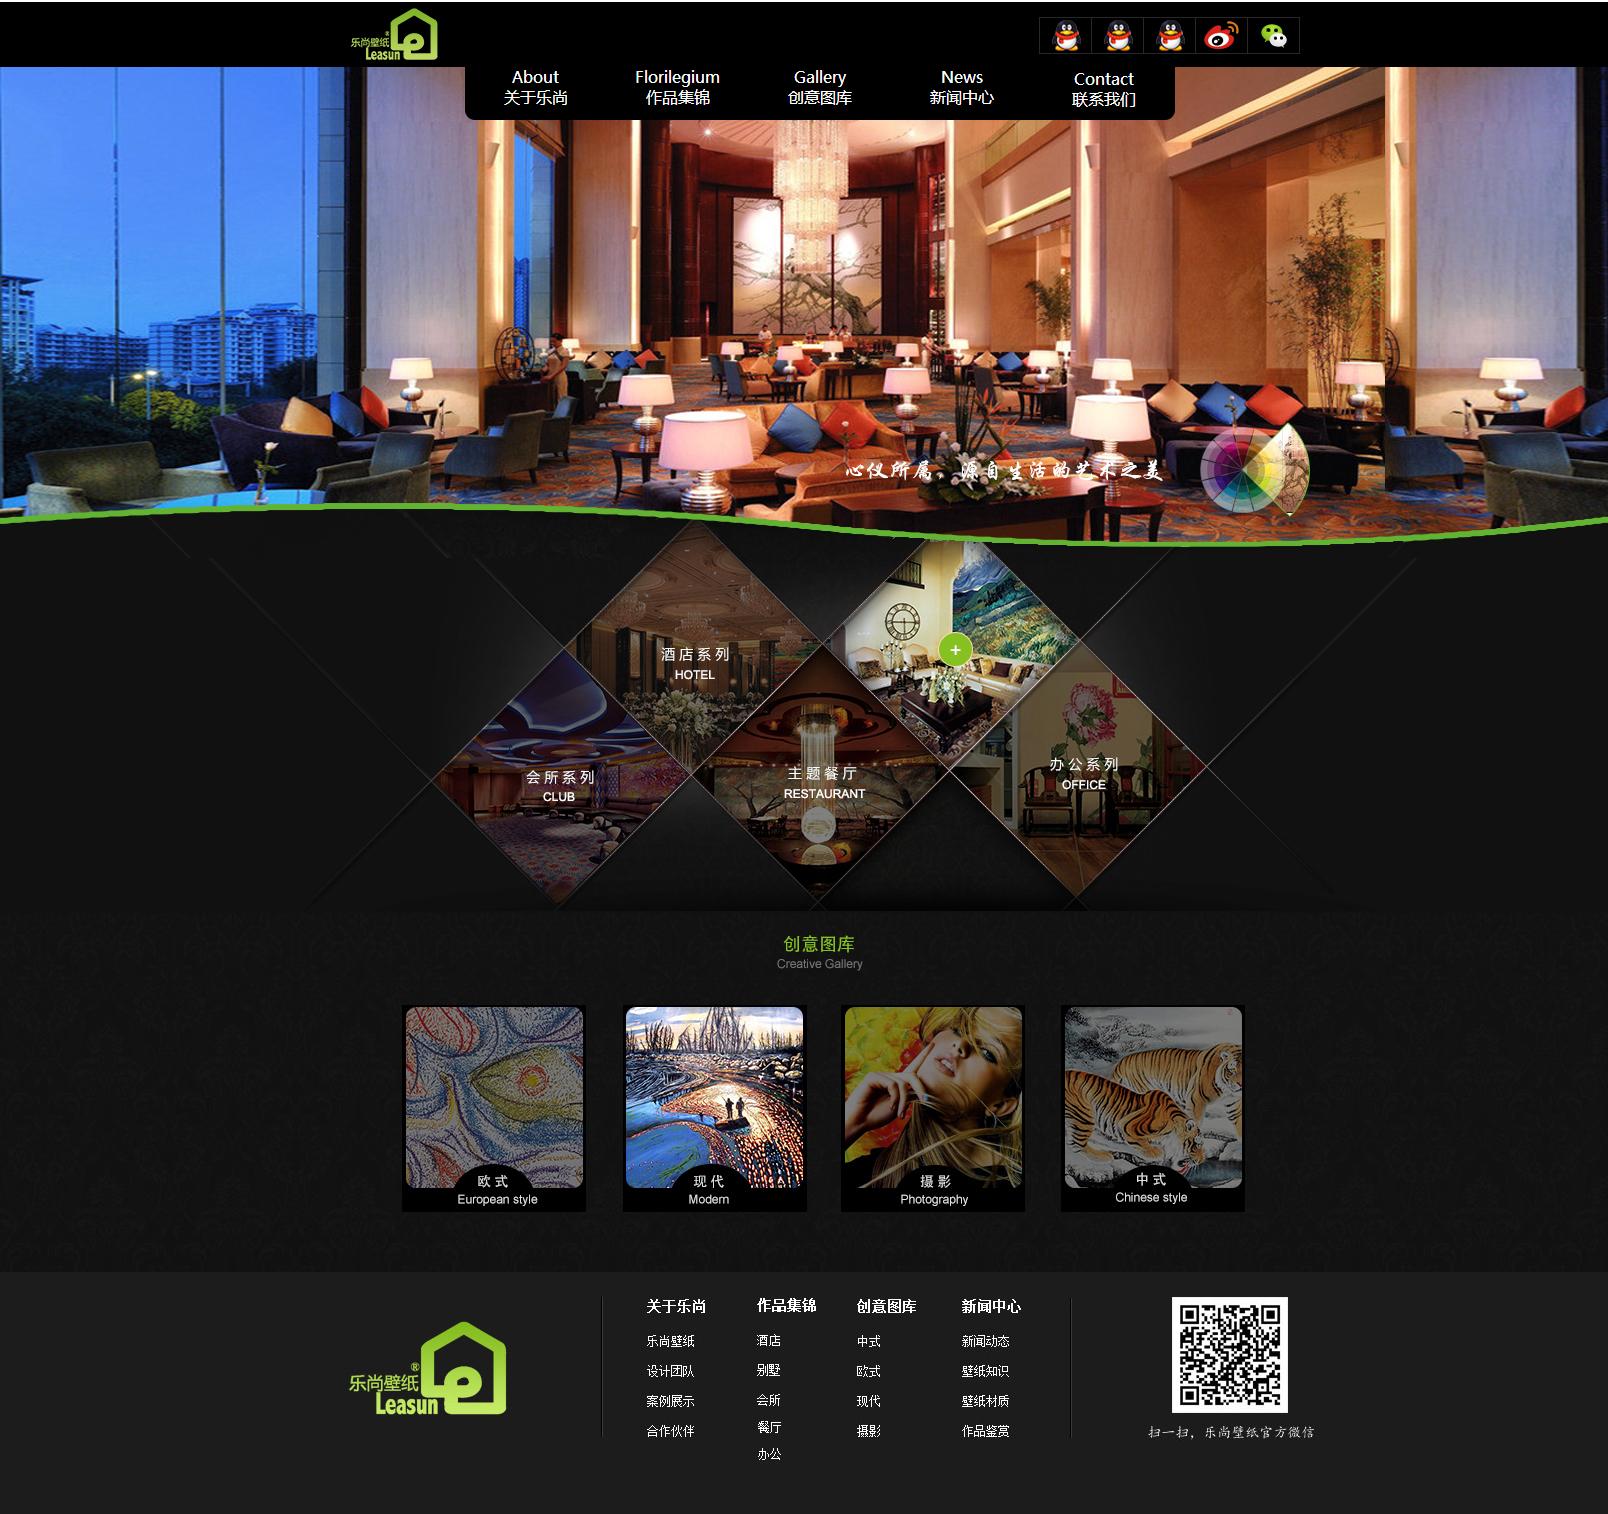 html5网站设计制作项目简介: 乐尚创意壁纸创立于2012年,主要以环保壁纸为基底,巧妙运用五彩斑斓的色彩,将用户的喜好与设计师的创意相结合,为用户定制独一无二的环境体验,创造一墙无人能及的风景. html5网站设计制作分析: 作为壁纸经营企业,首先要在网站形象上能够体现壁纸行业的艺术化特征。针对公司的产品的不同风格产品、不同客户类型,要能够充分表达公司产品的多样性,让不同的客户能够直接找到自己的行业和风格需求。对于定制产品,客户要能够对自己的定制产品类型进行快速搜索和决策。 html5网站设计制作理念